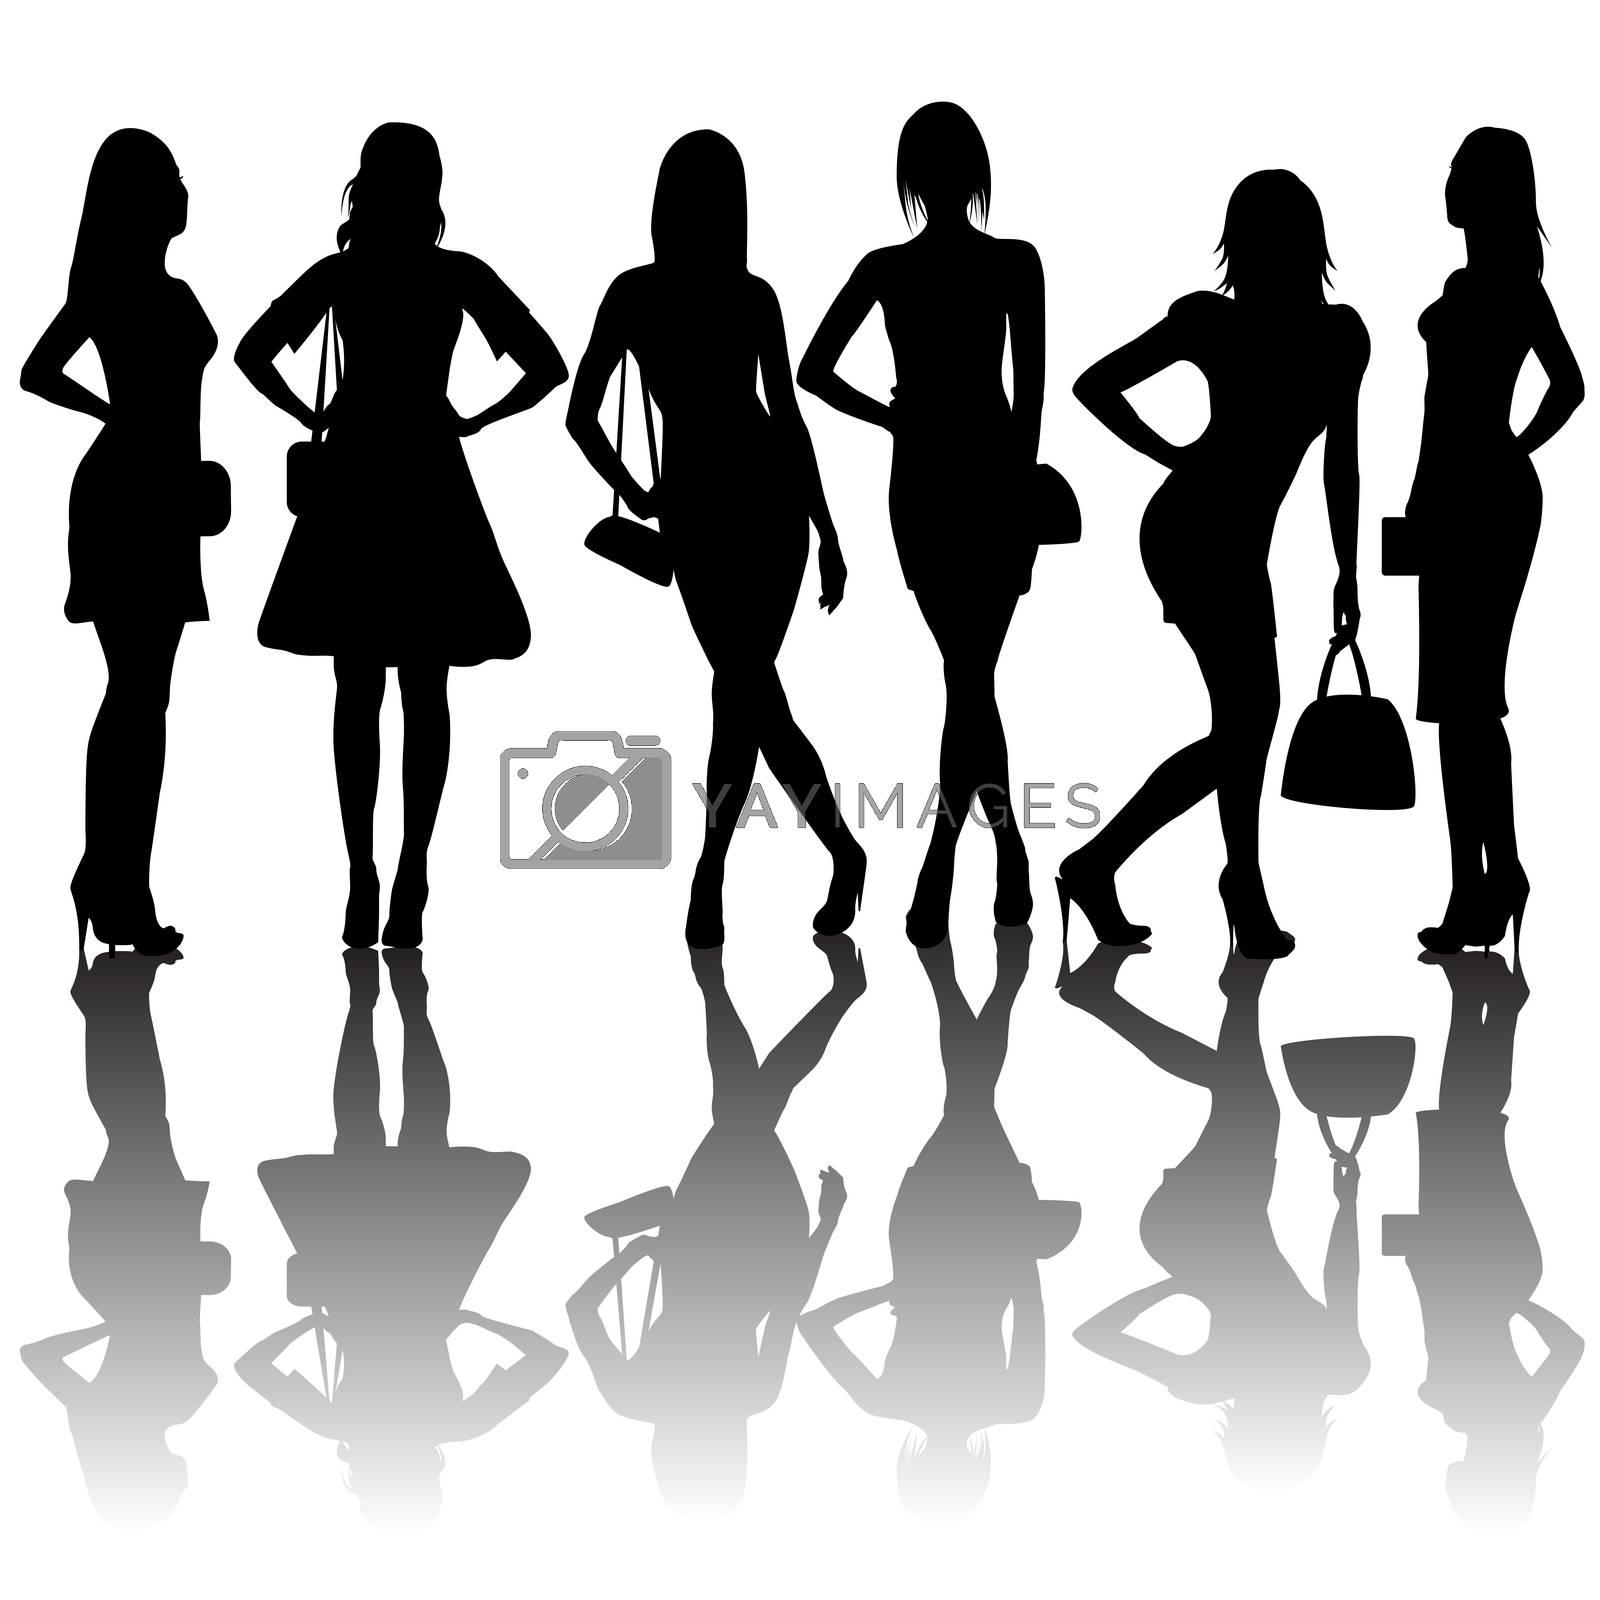 Fashion silhouettes of women